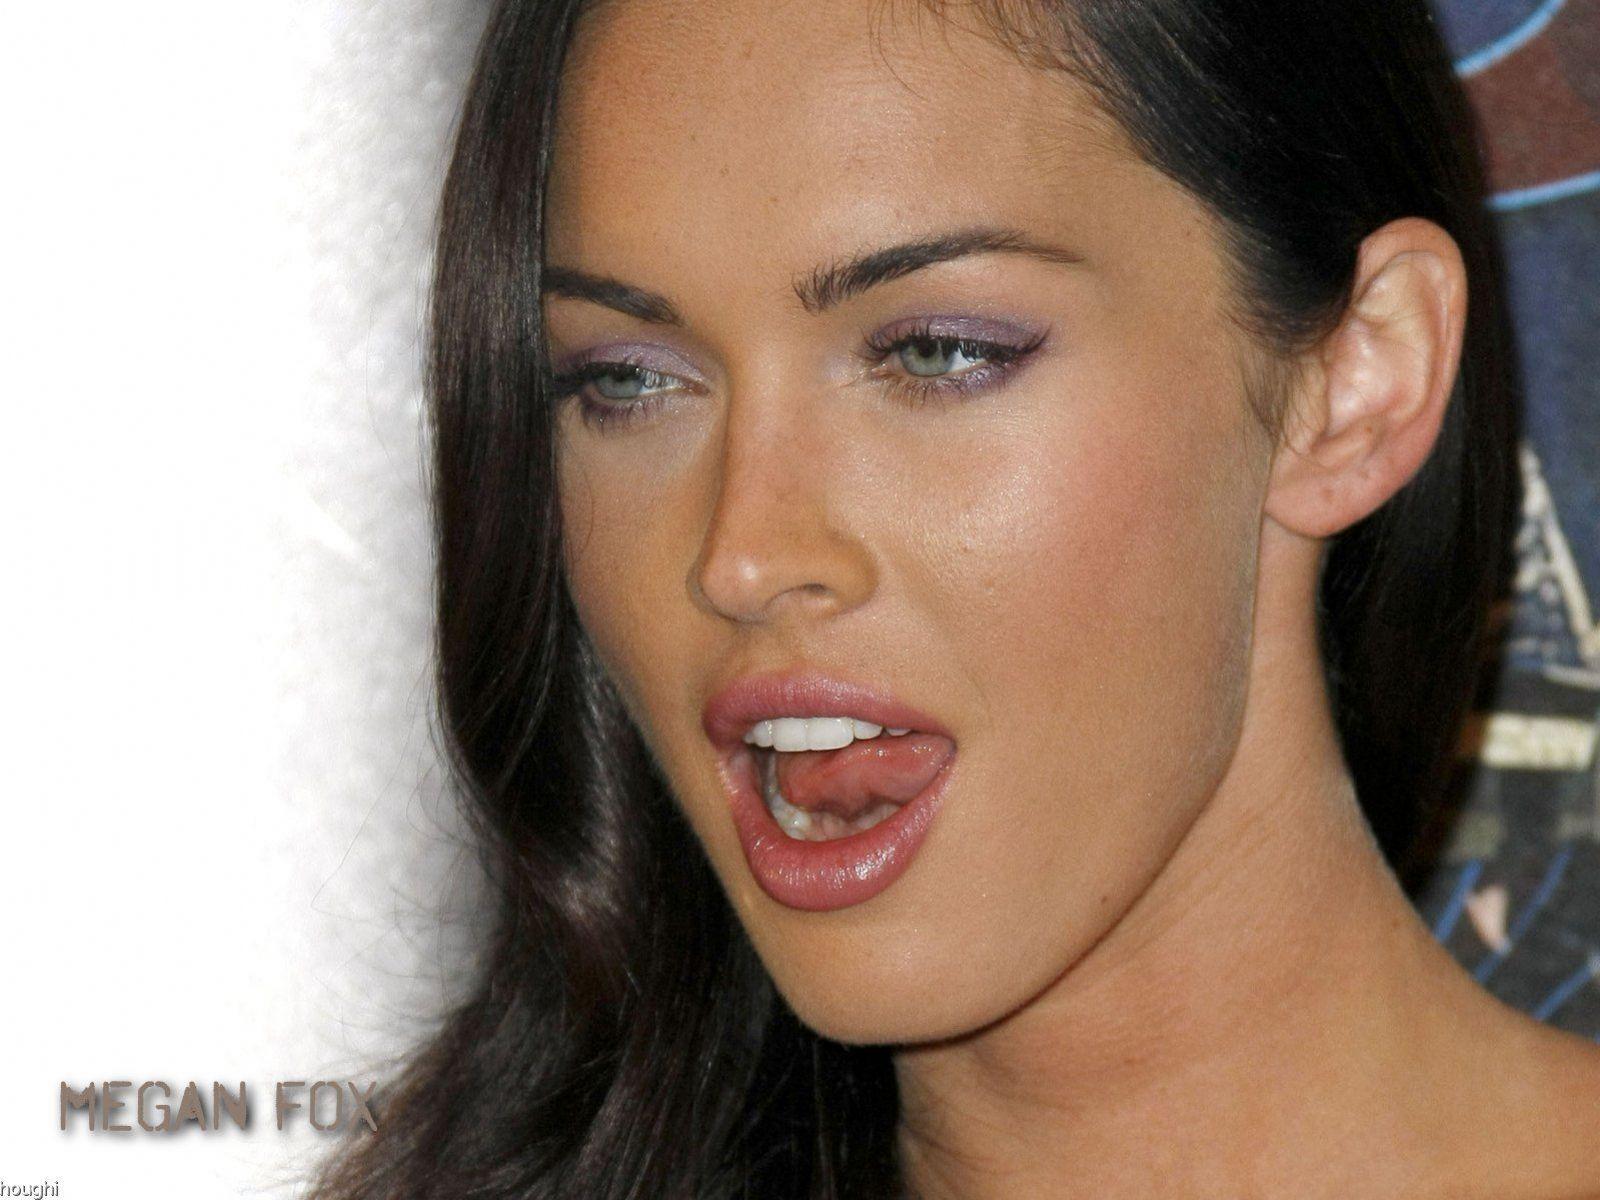 http://3.bp.blogspot.com/-rGI5fv79Z7A/UV6L37dmvGI/AAAAAAAAAro/LudhvChIuFE/s1600/megan-fox-sexy-lips.jpg